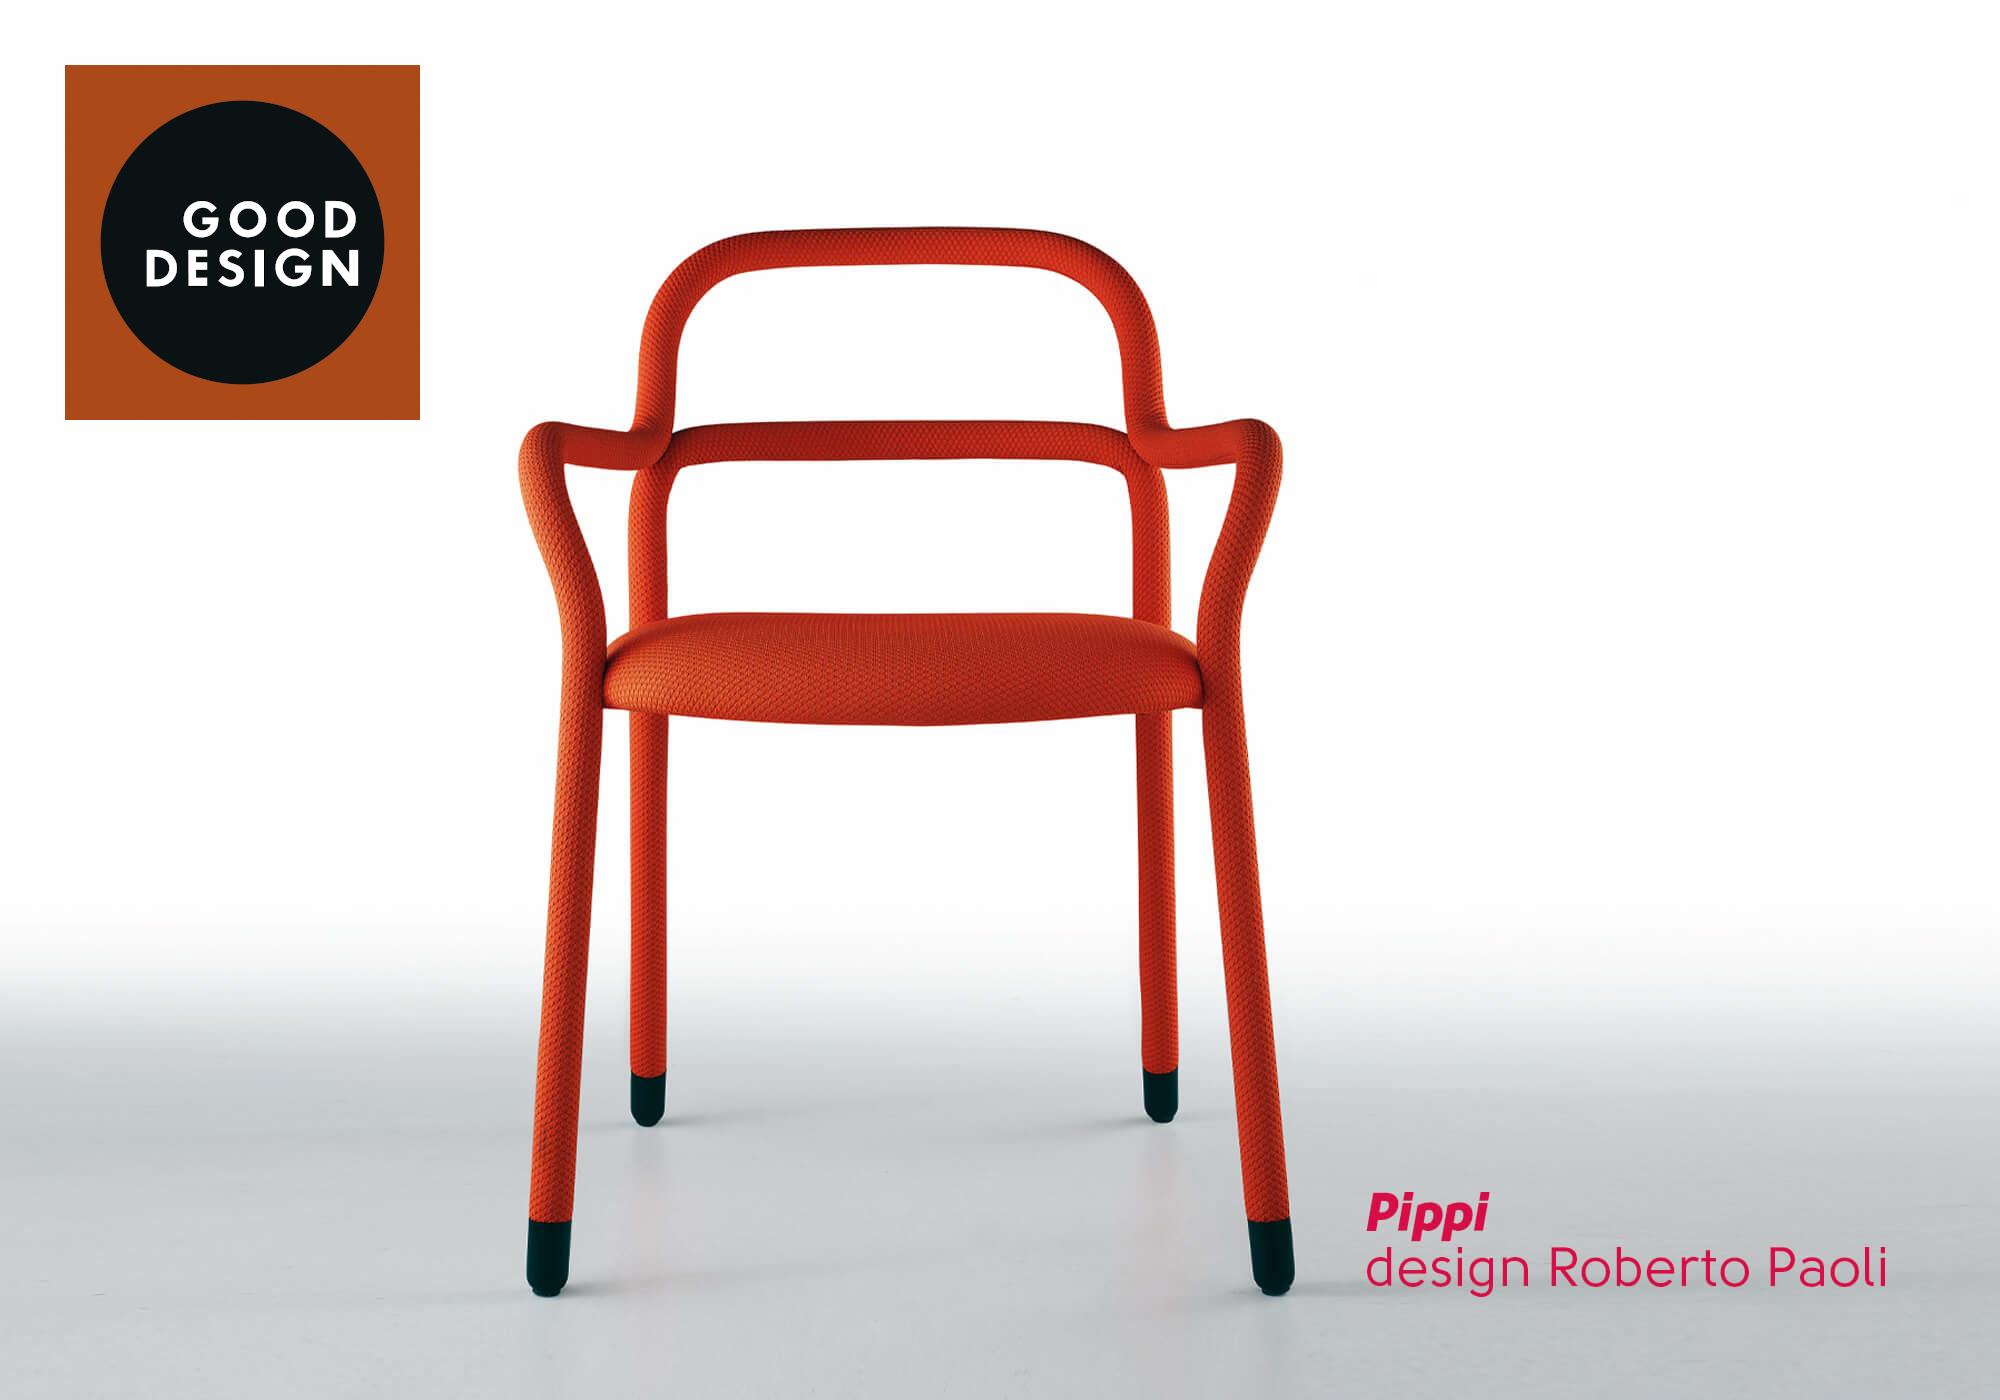 La collection Pippi récompensée par le Good Design Award 2019